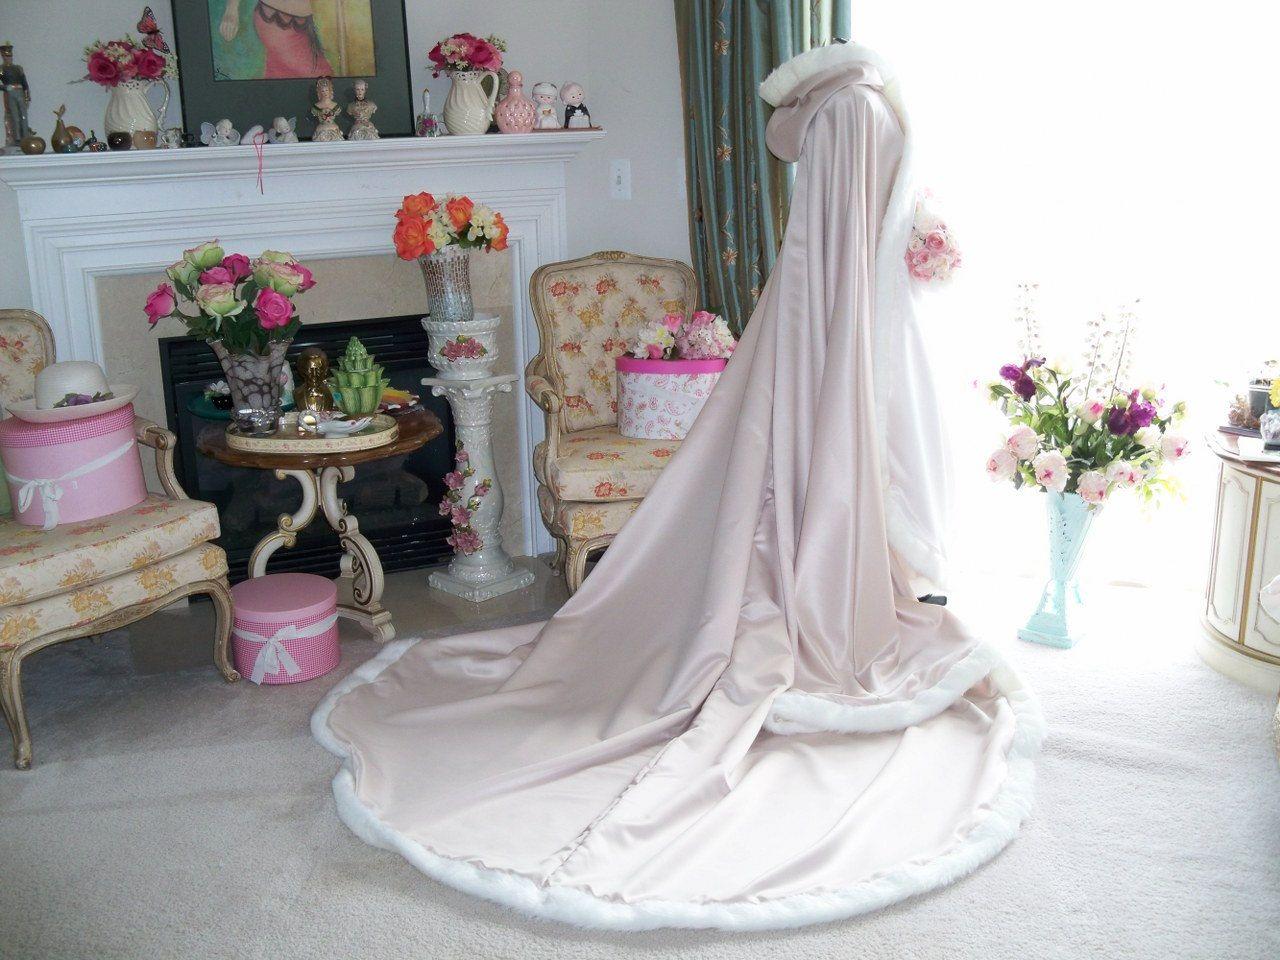 Uyku Güzellik Gelin Pelerin Düğün Pelerin Şampanya / Fildişi Saten 96 inç Düğün Sarar Kış Döner Pelerin Pelerin Noel Kapüşonlu Pelerin